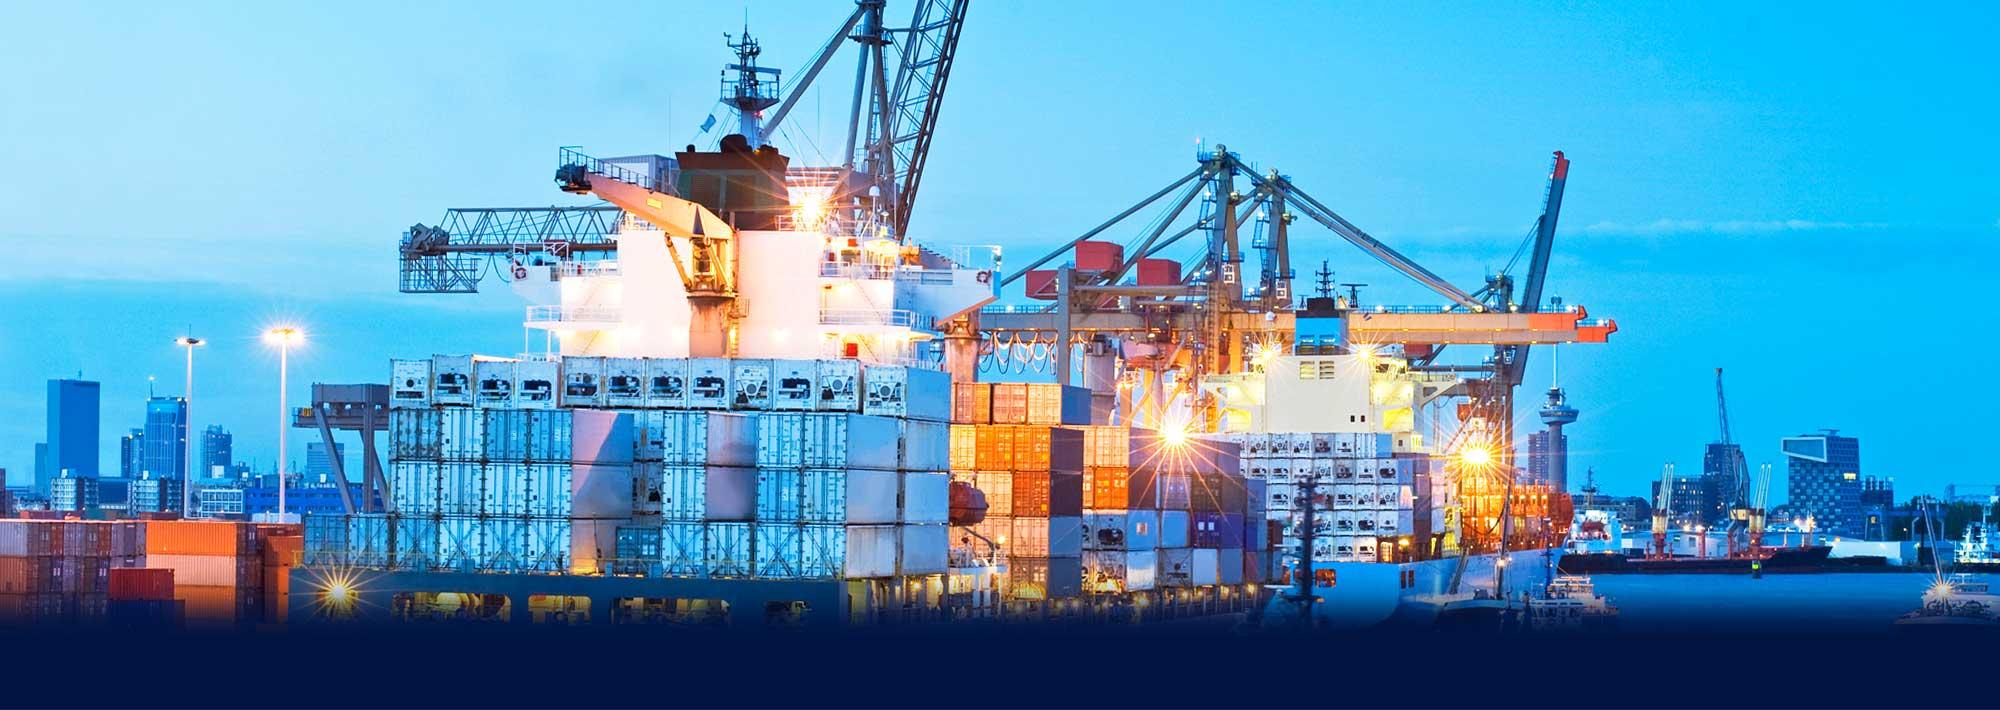 ترخیص و صادرات کالا | ترخیص قطعی کالا از گمرک | شرکت بازرگانی ترخیص